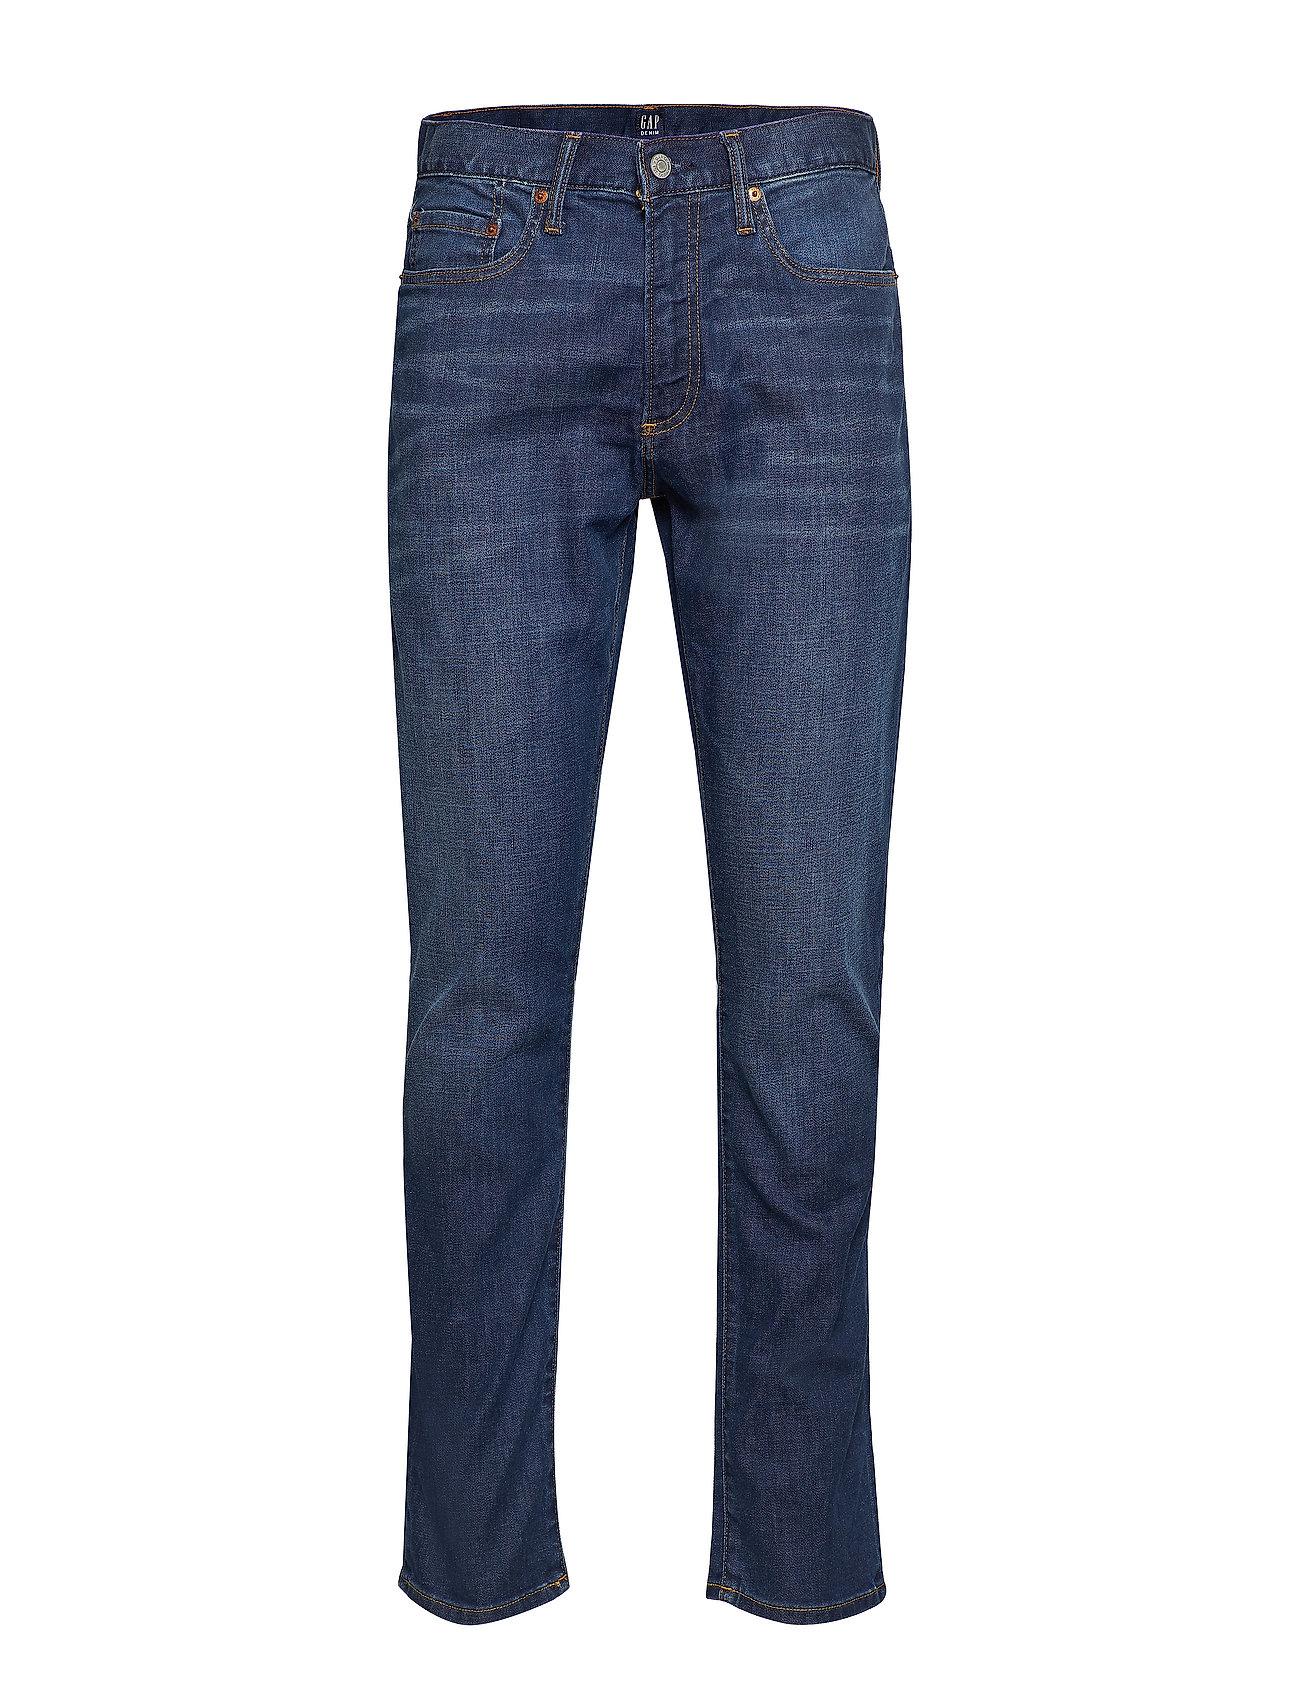 GAP Wearlight Slim Jeans with GapFlex - DARK INDIGO 4